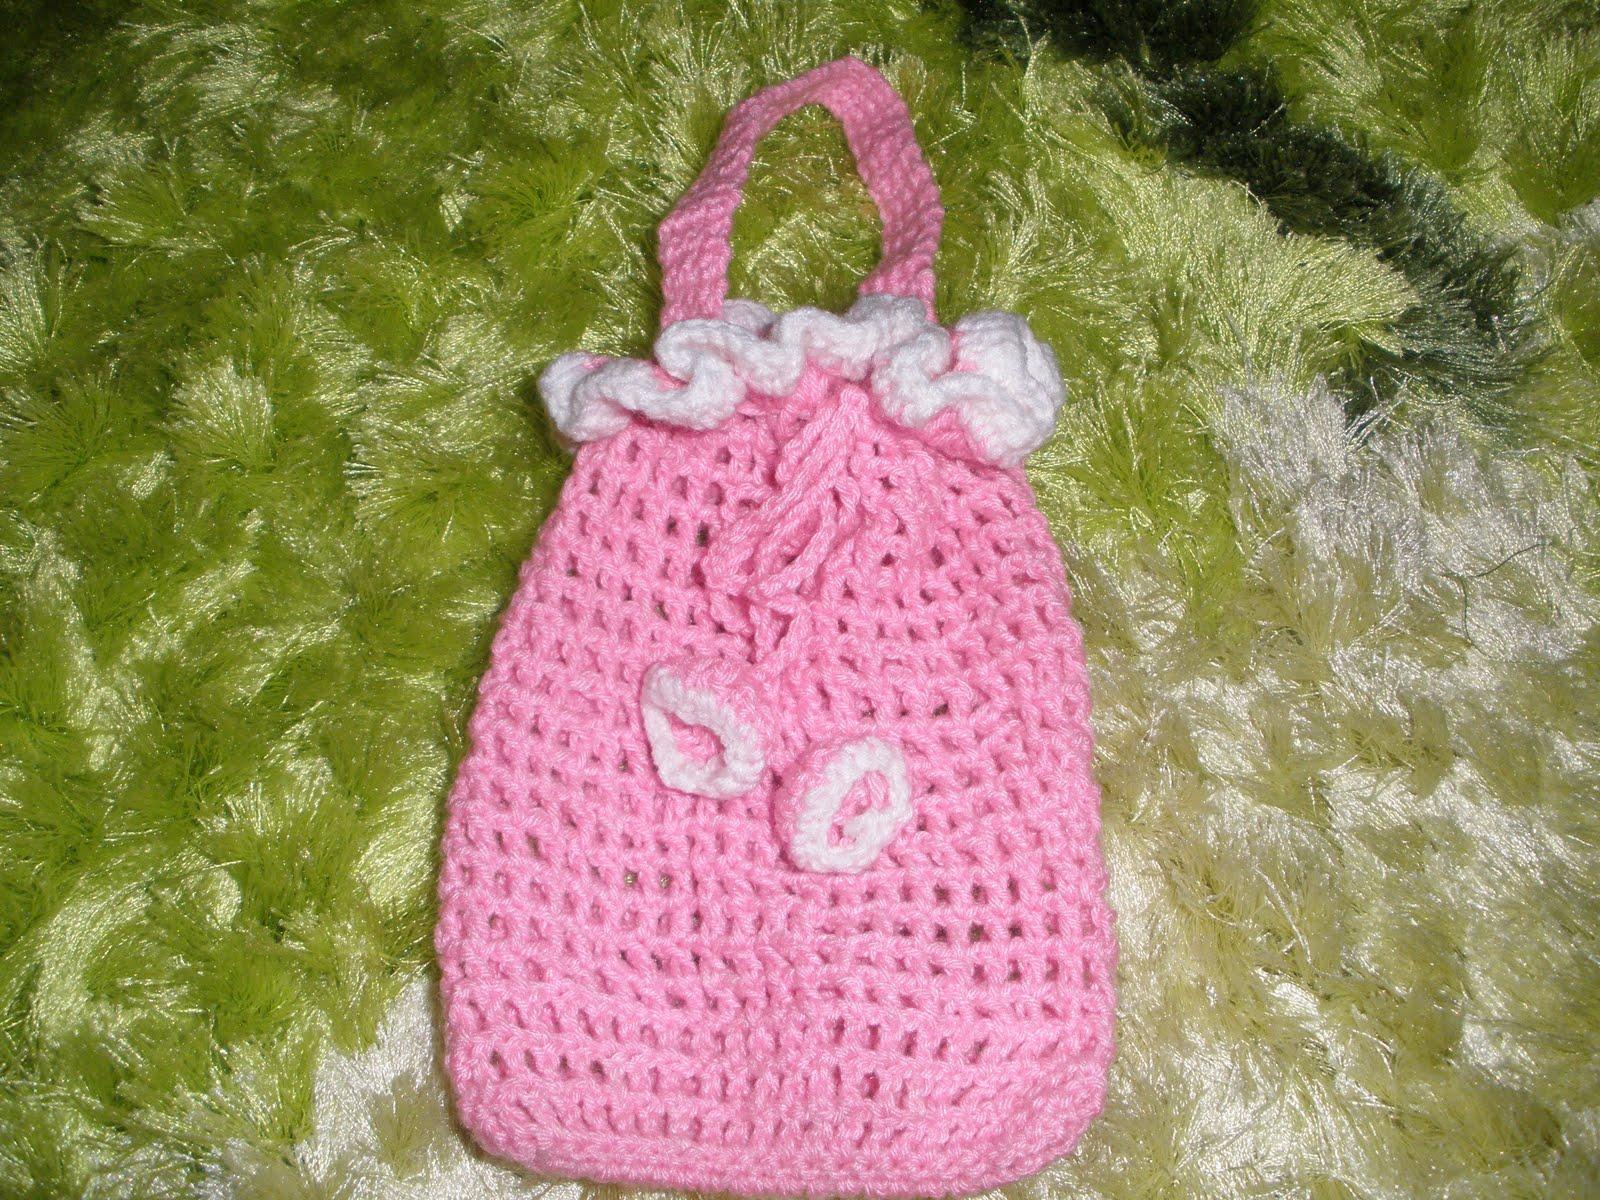 Crochet Sachet Bags : Rose Garden Crochet: Crochet Sachet Bags